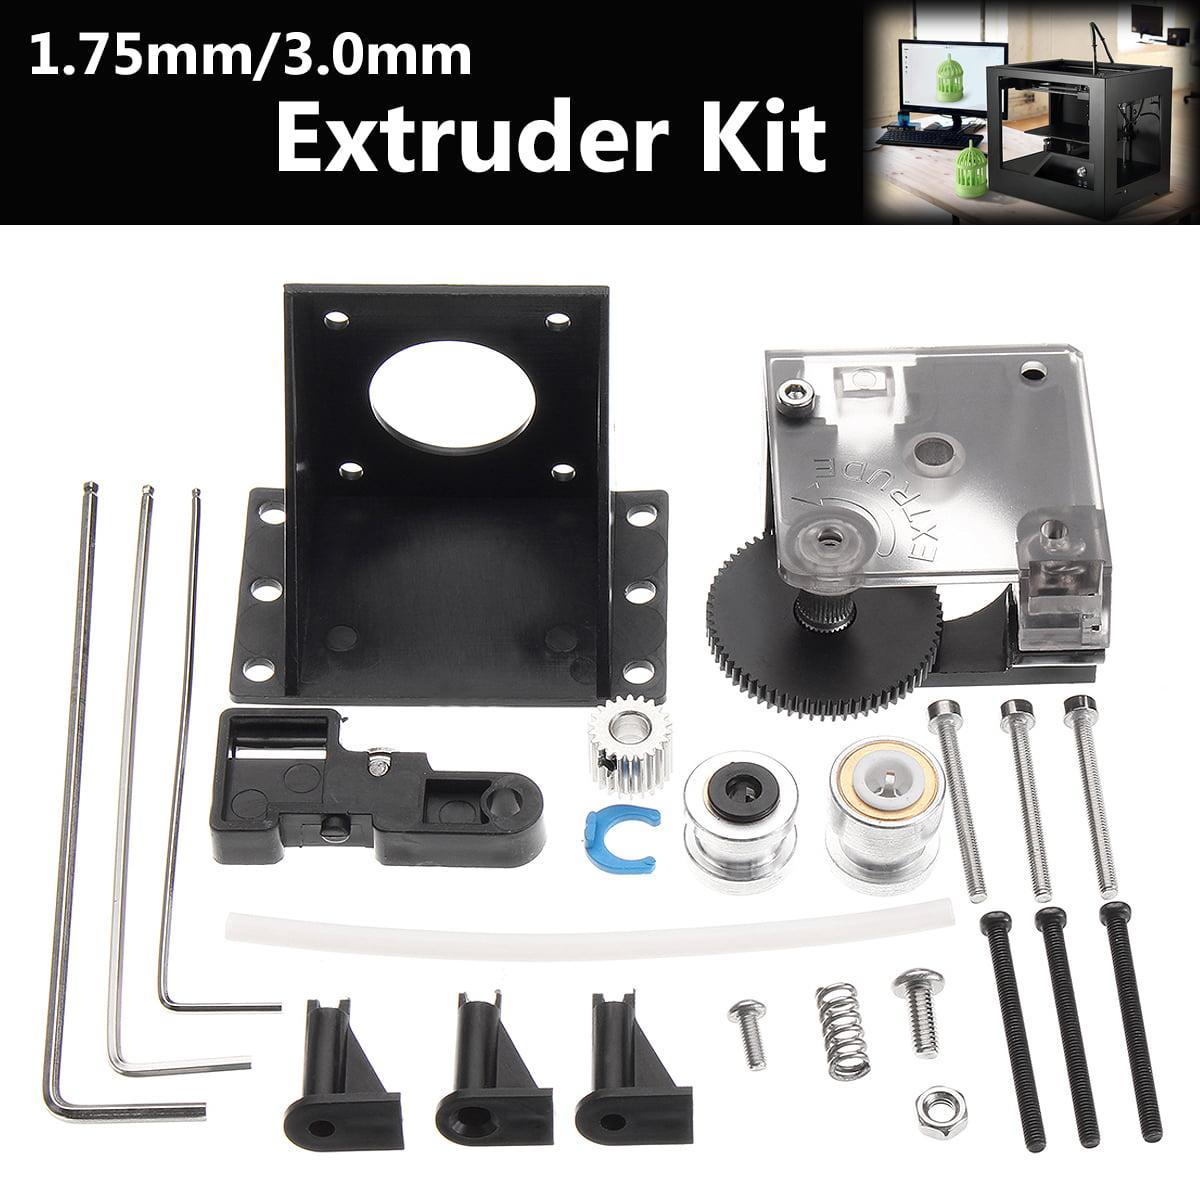 1.75mm/3.0mm Extruder Kit Printer Extruder Gear For 3D printer